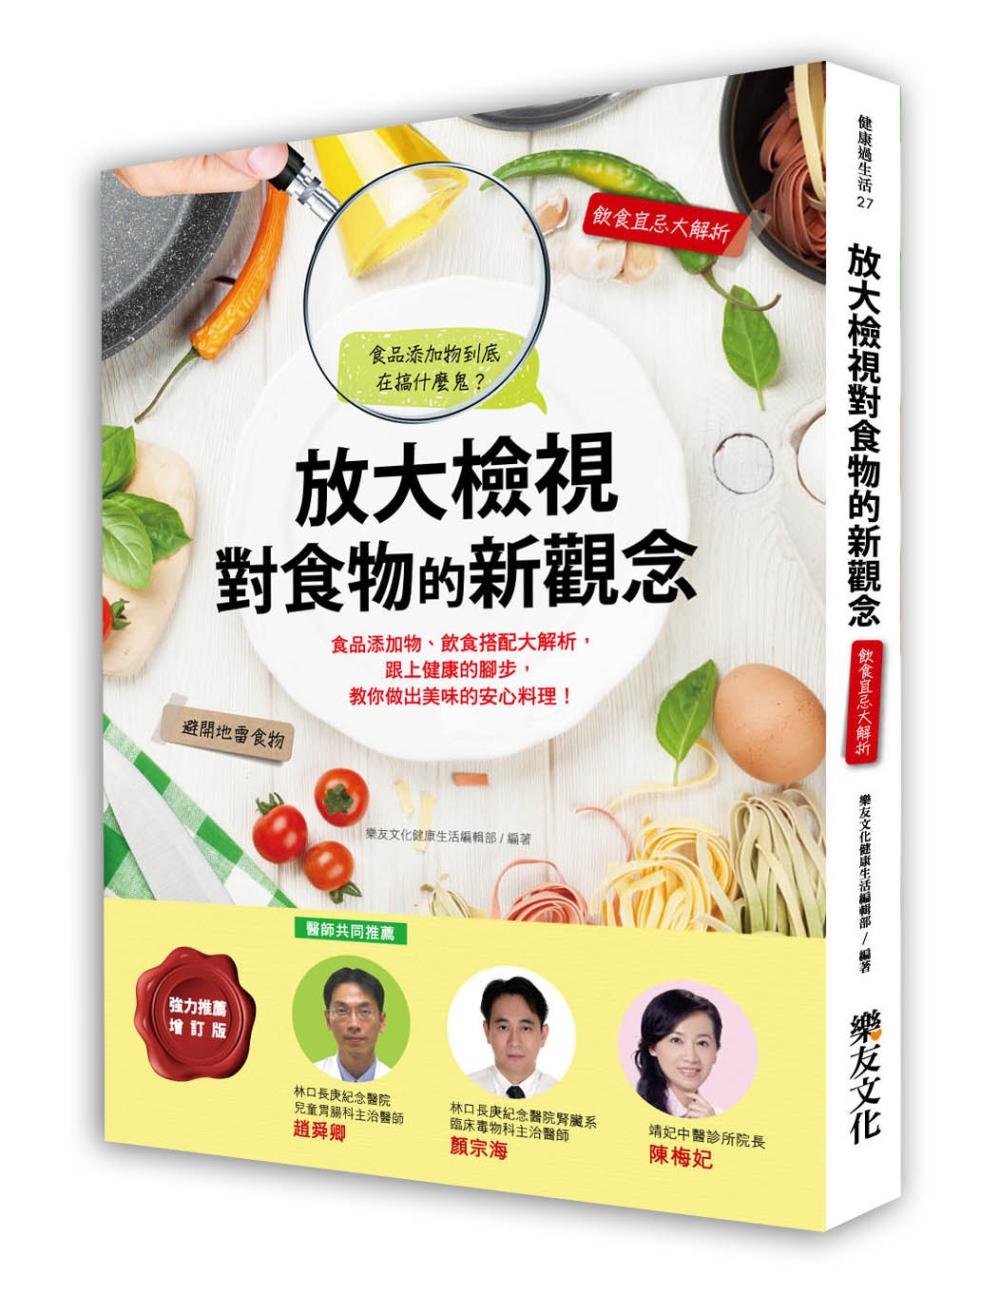 放大檢視對食物的新觀念:食品添加物、飲食搭配大解析,跟上健康的腳步,教你做出美味的安心料理!(強力推薦 增訂版)